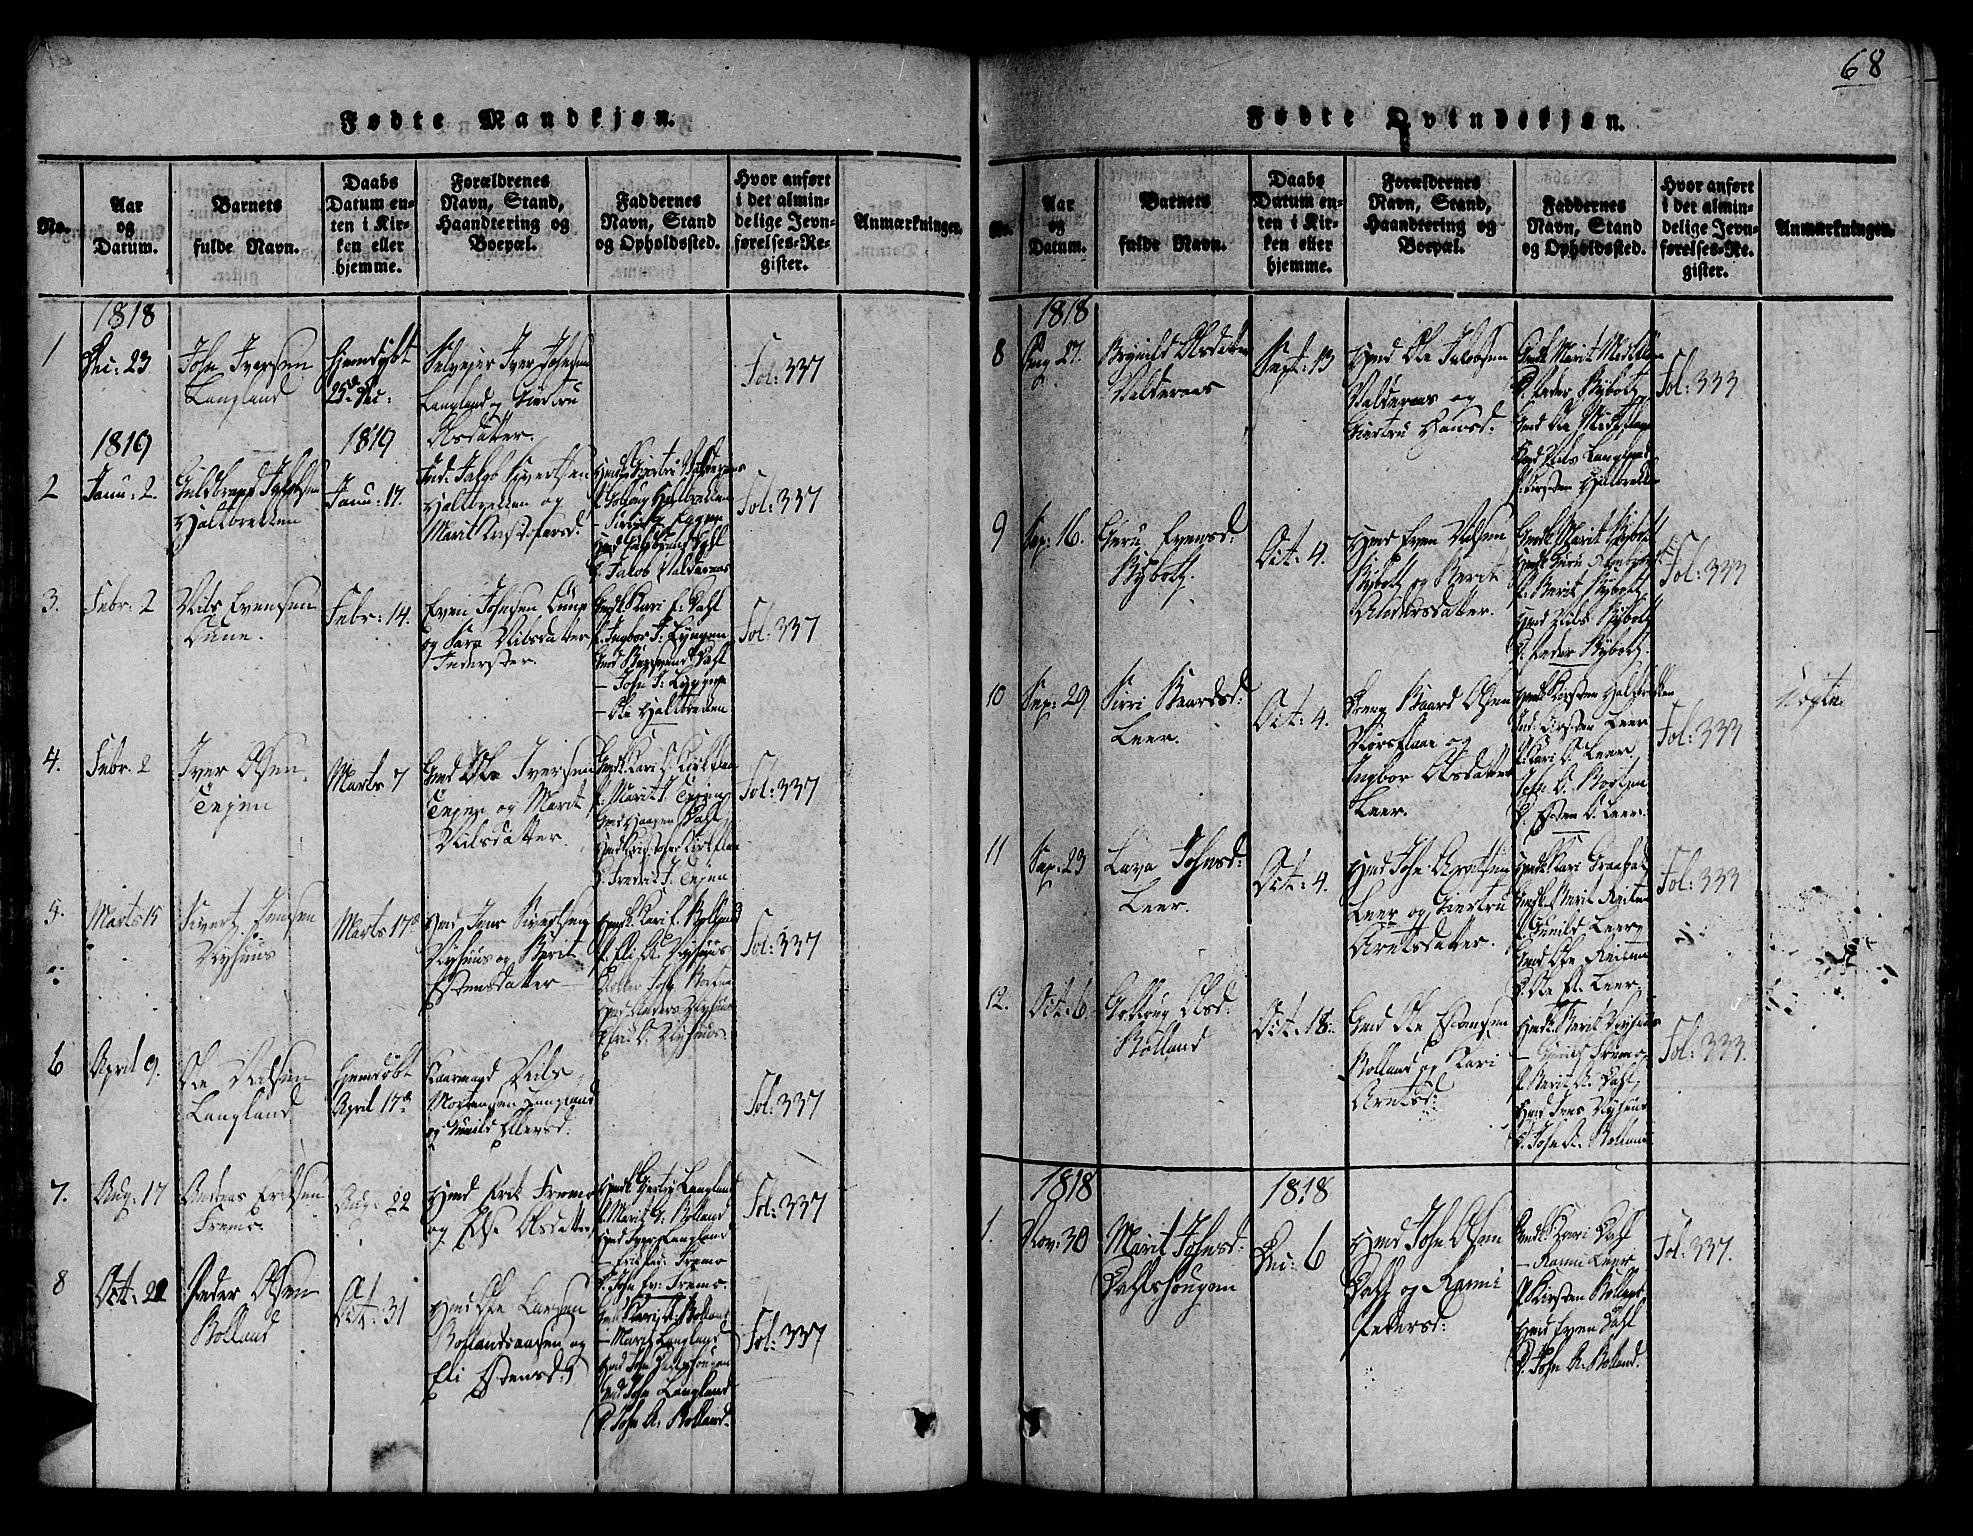 SAT, Ministerialprotokoller, klokkerbøker og fødselsregistre - Sør-Trøndelag, 691/L1066: Ministerialbok nr. 691A03 /2, 1816-1826, s. 68